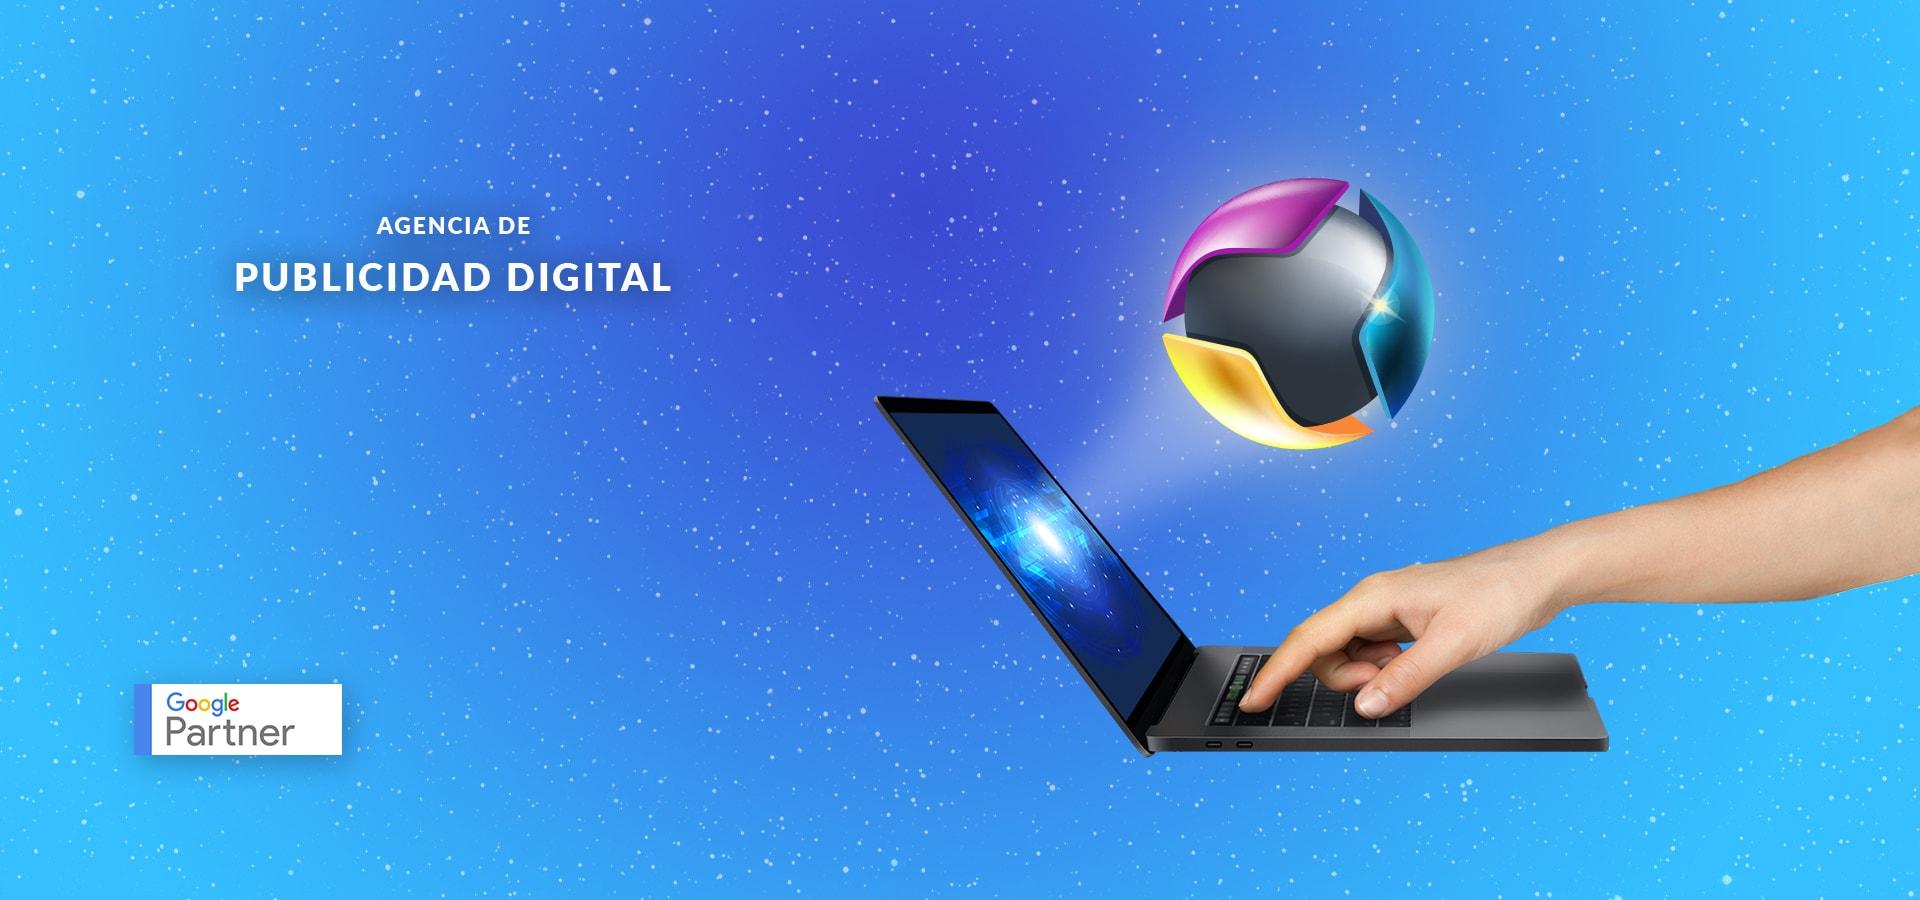 Agencia de Publicidad Digital - Andonie Tech